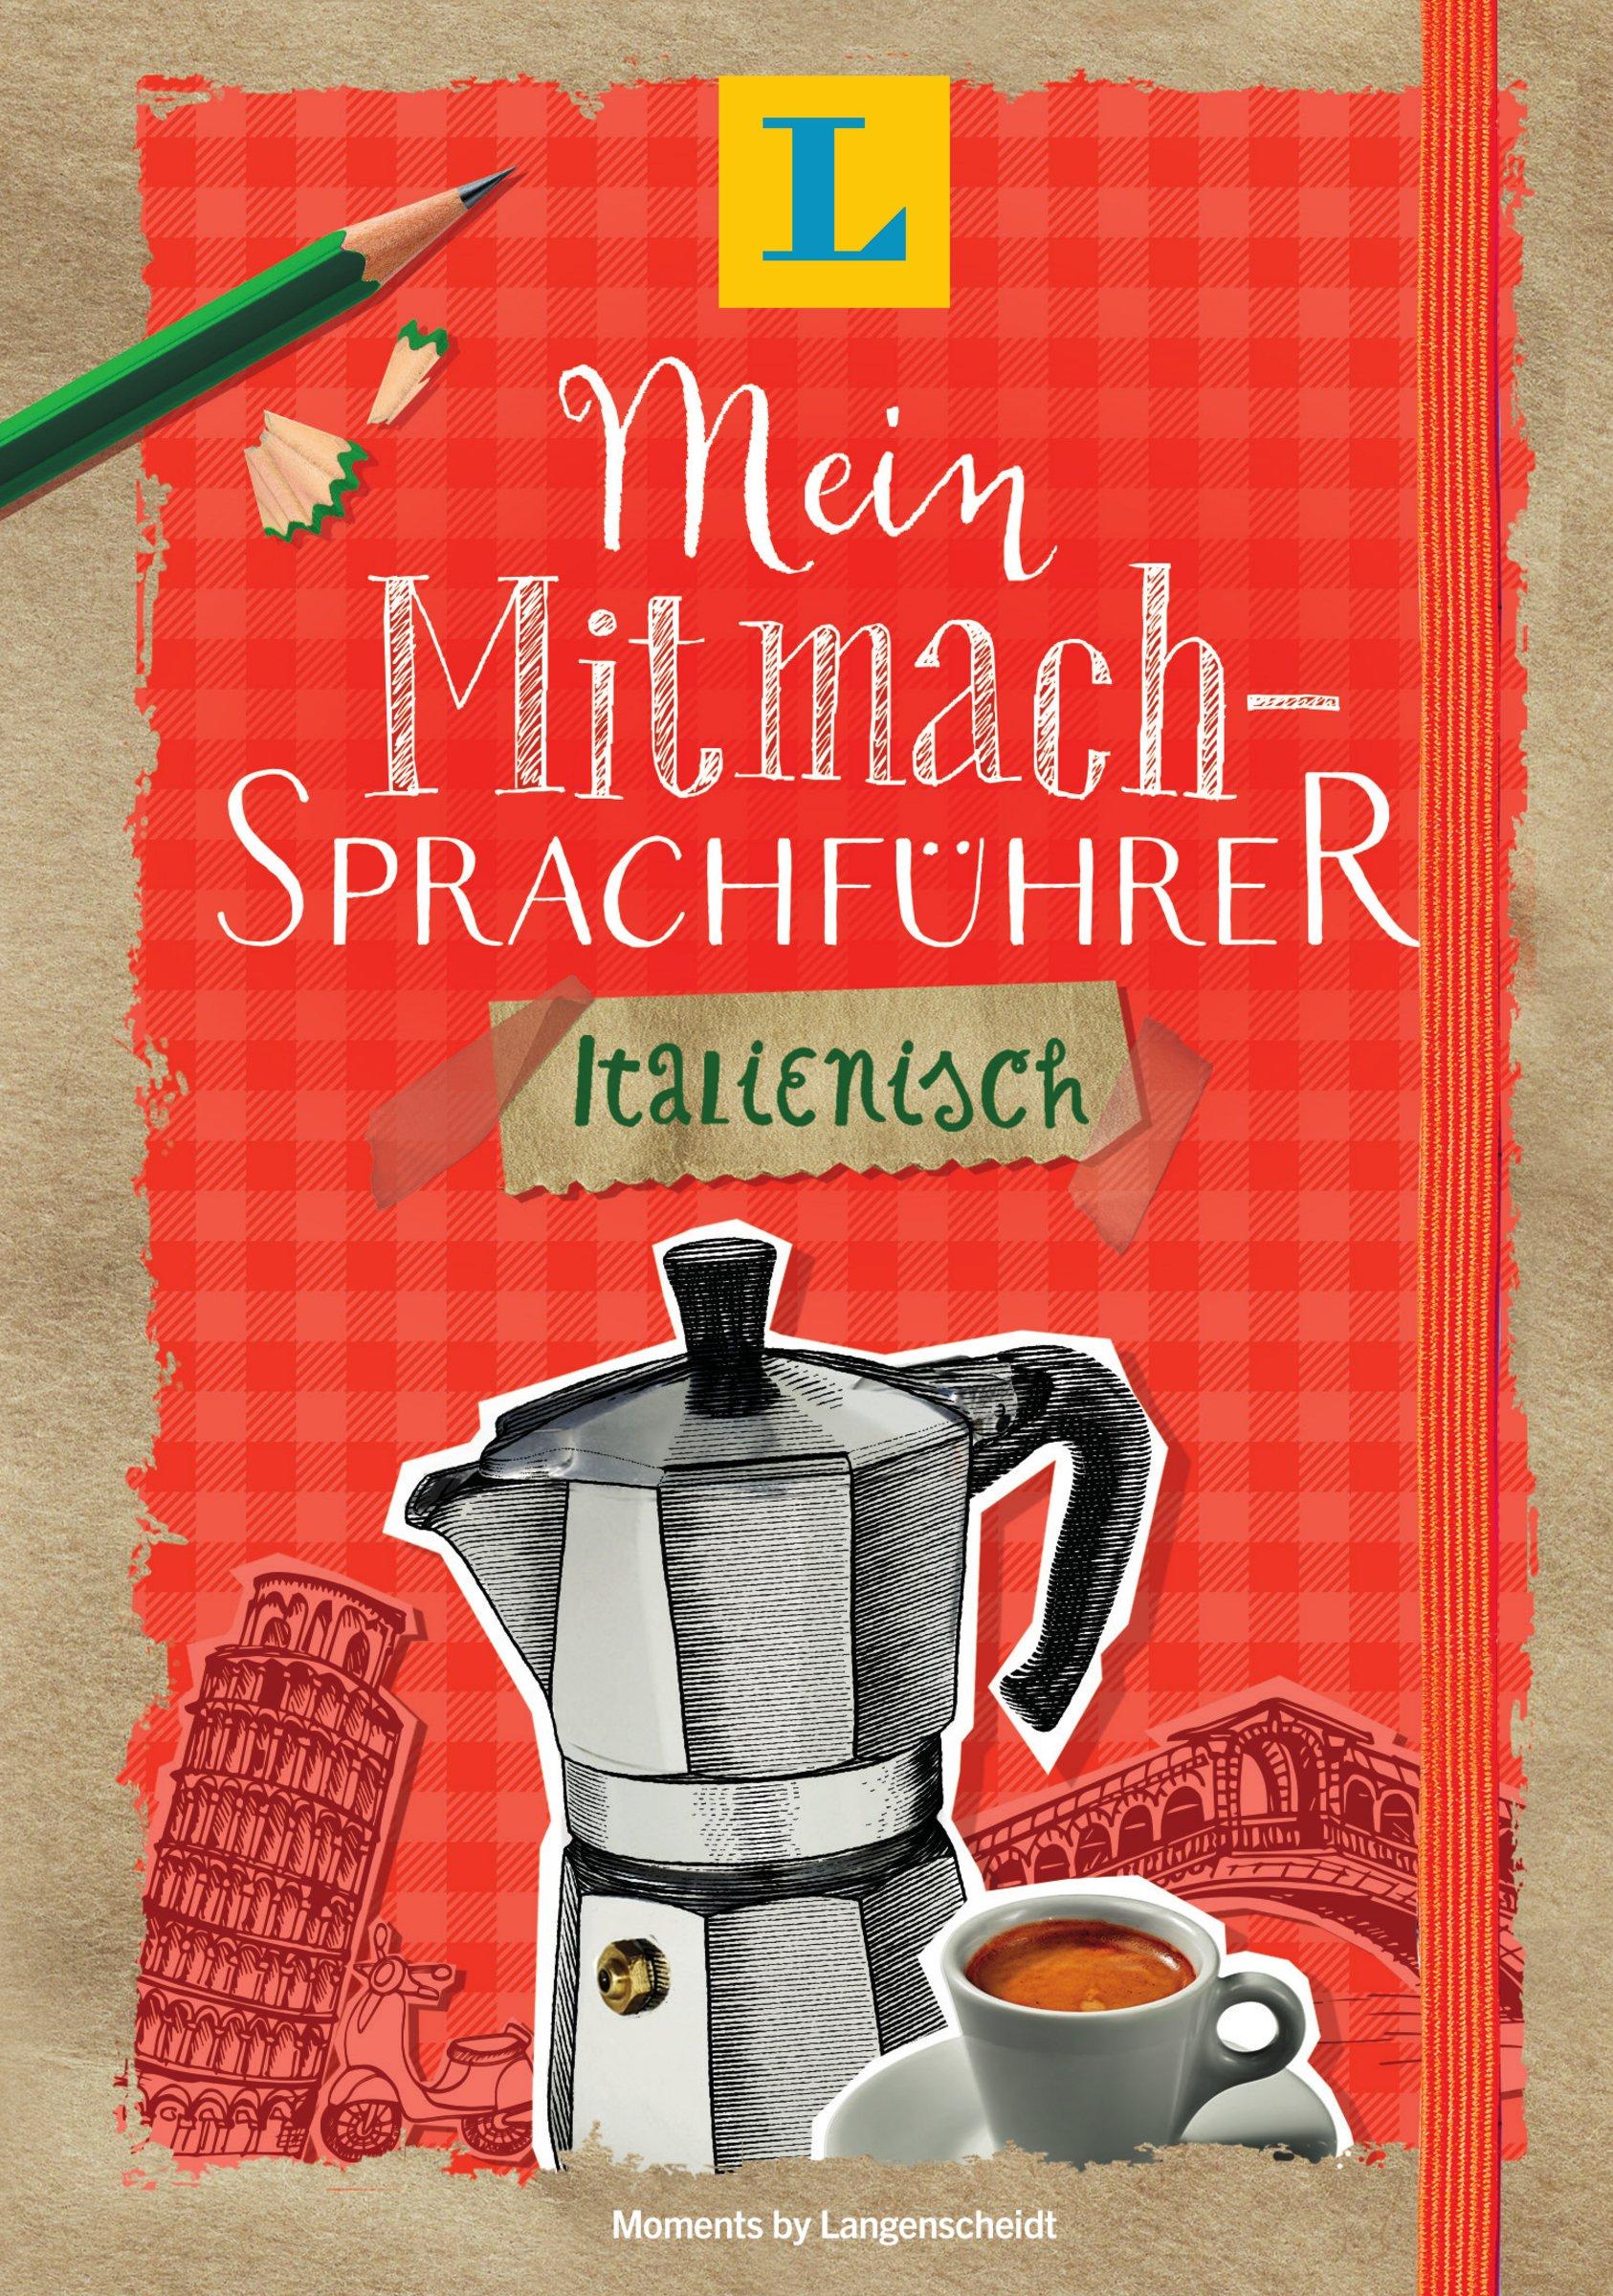 Langenscheidt Mein Mitmach-Sprachführer Italienisch - Sprache kreativ erleben: Moments by Langenscheidt